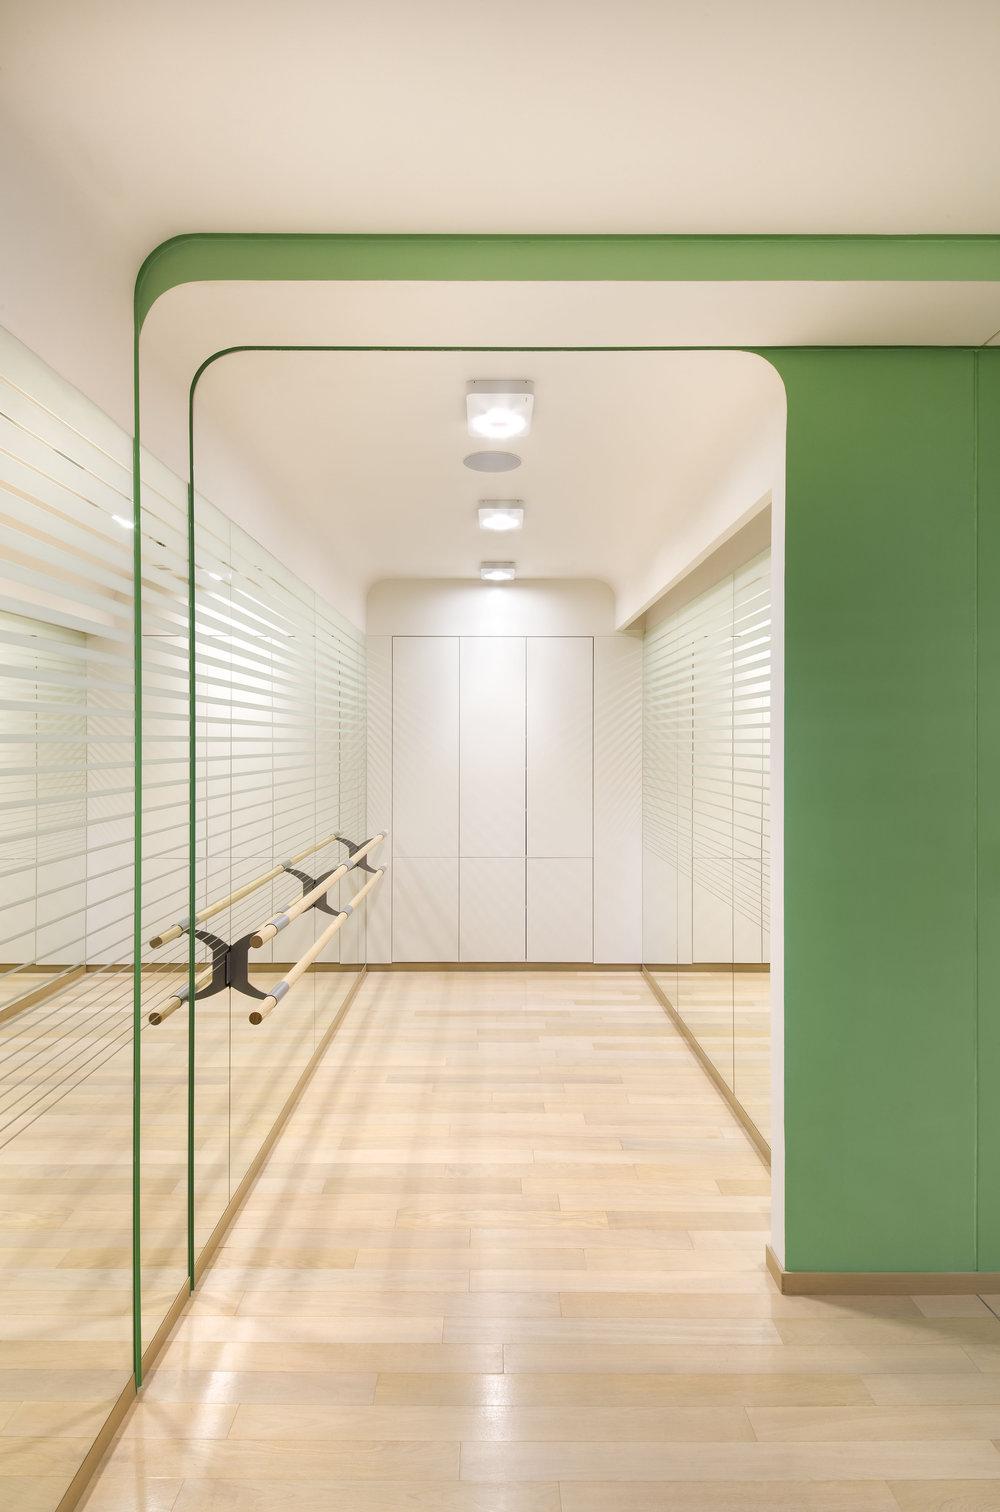 miras-villa_private-architecture-interior-design_coordination-berlin_10.jpg